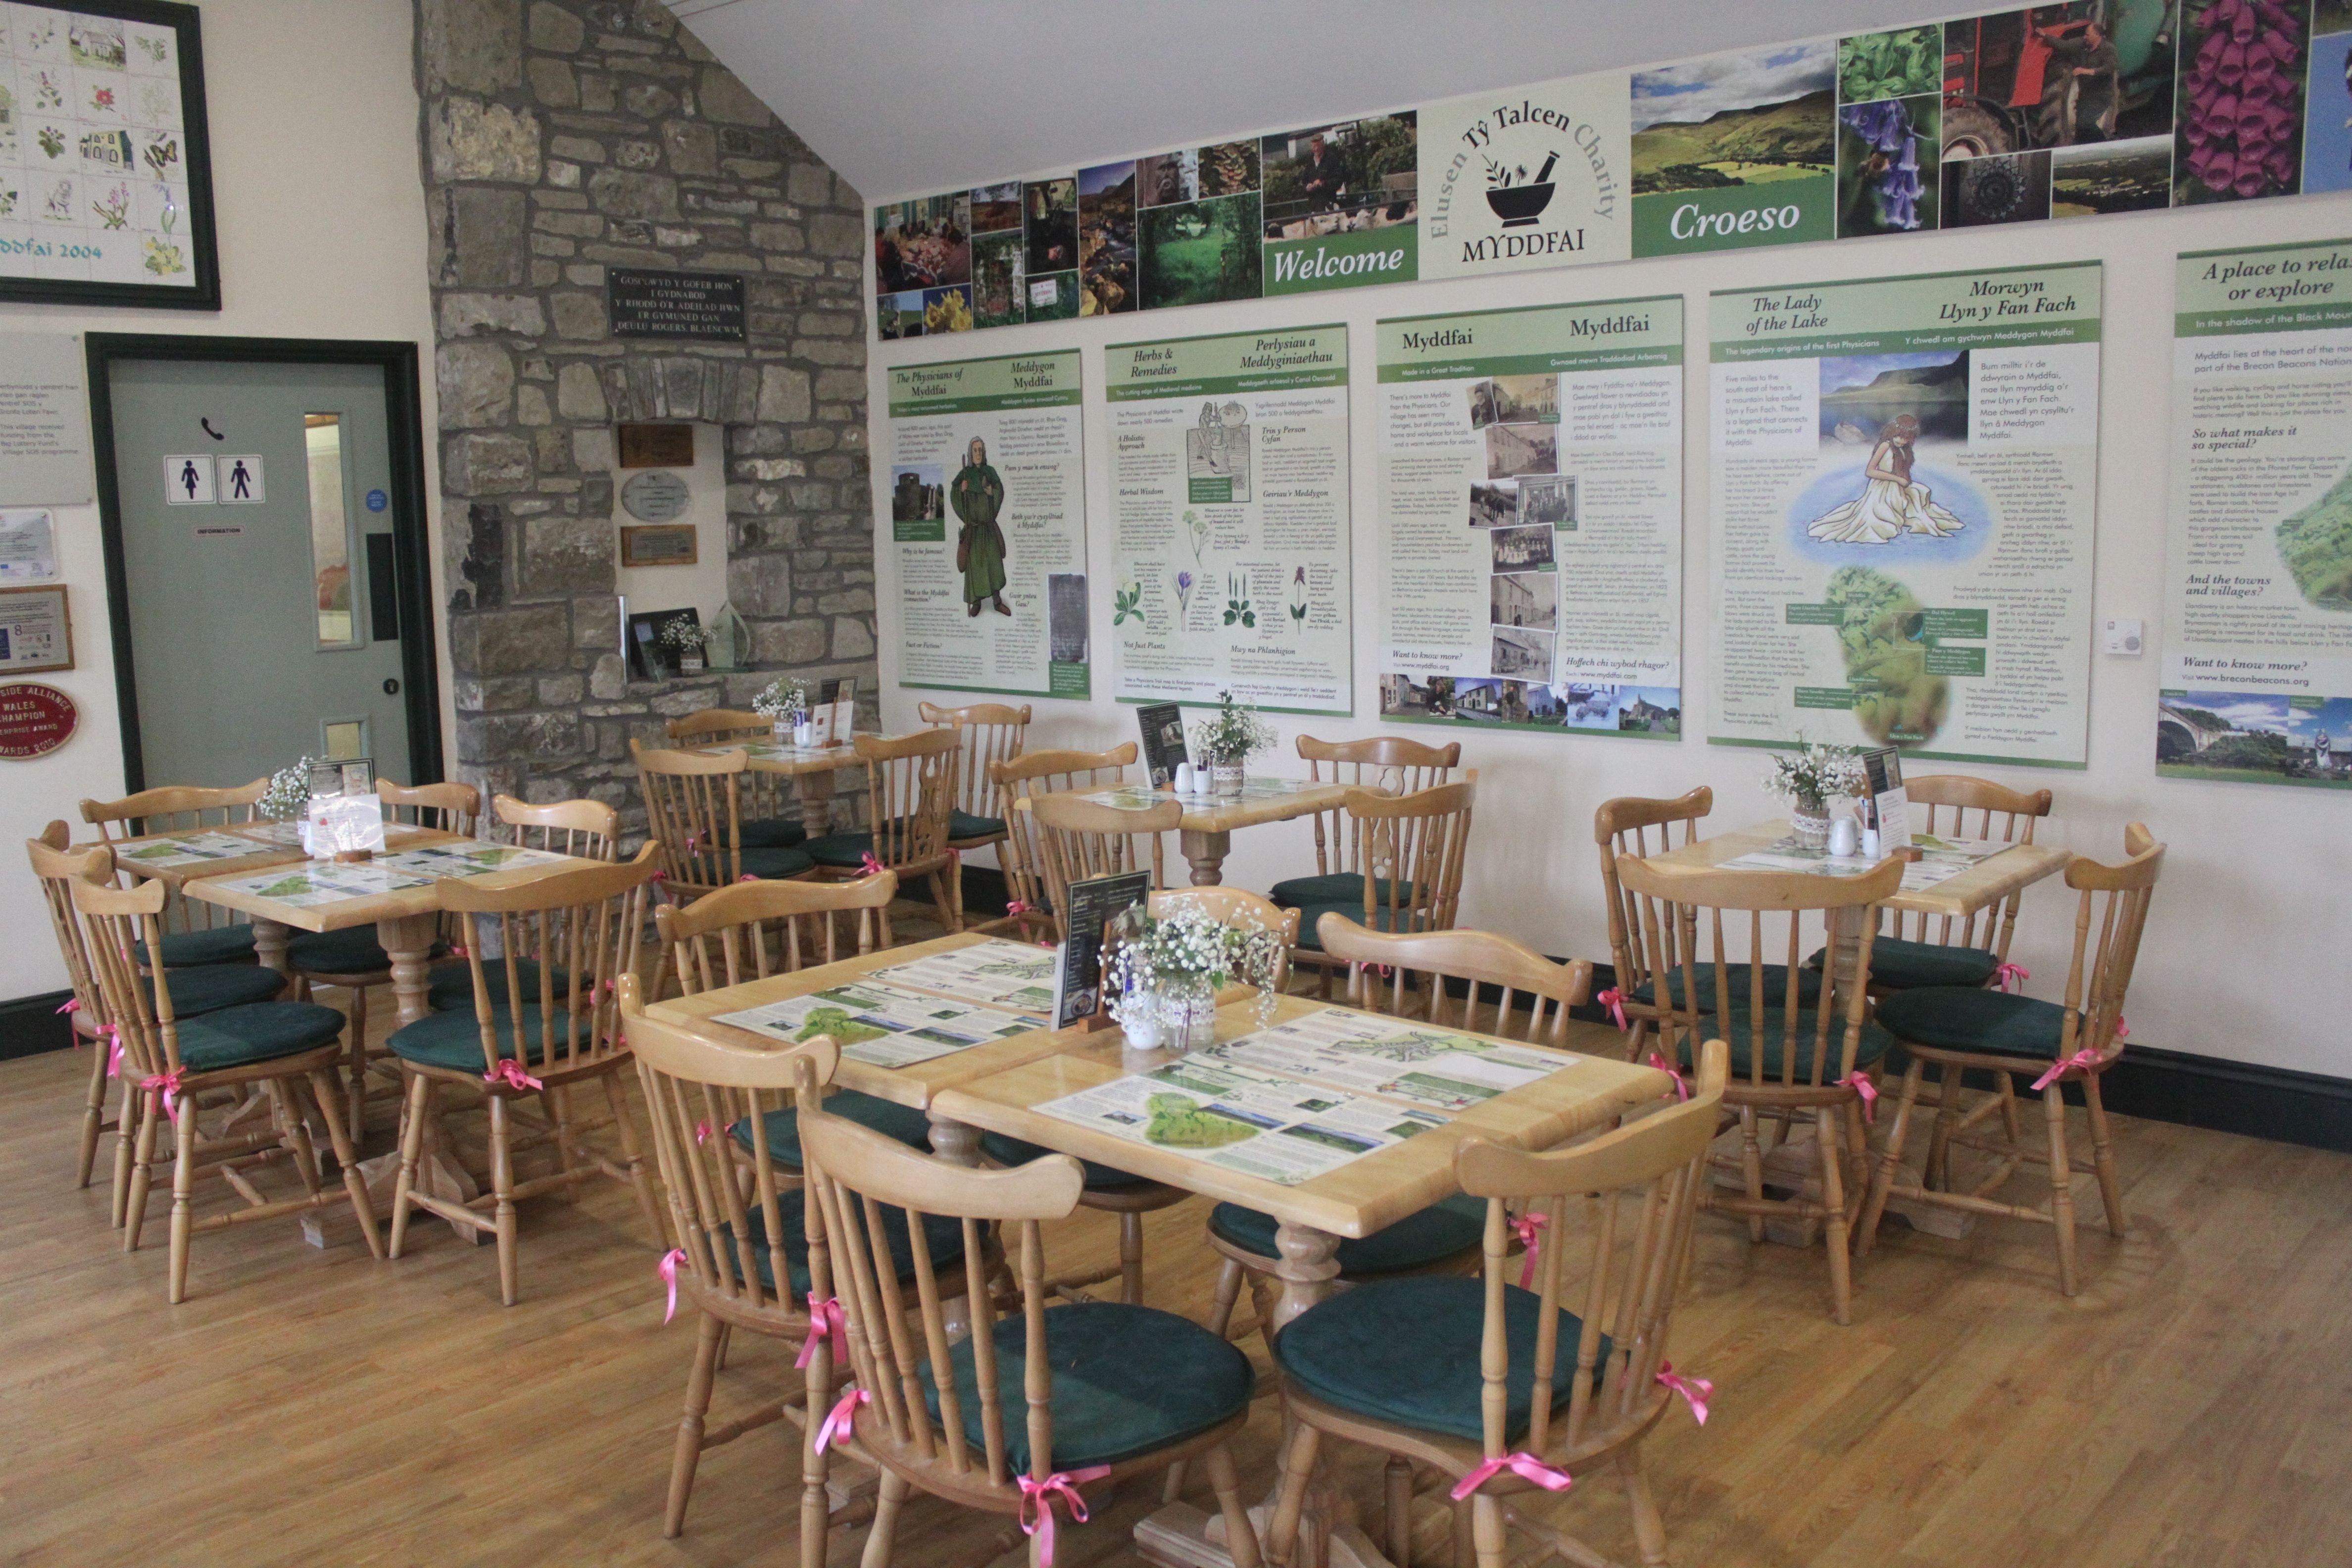 Myddfai Café at Myddfai Community Hall a great place to